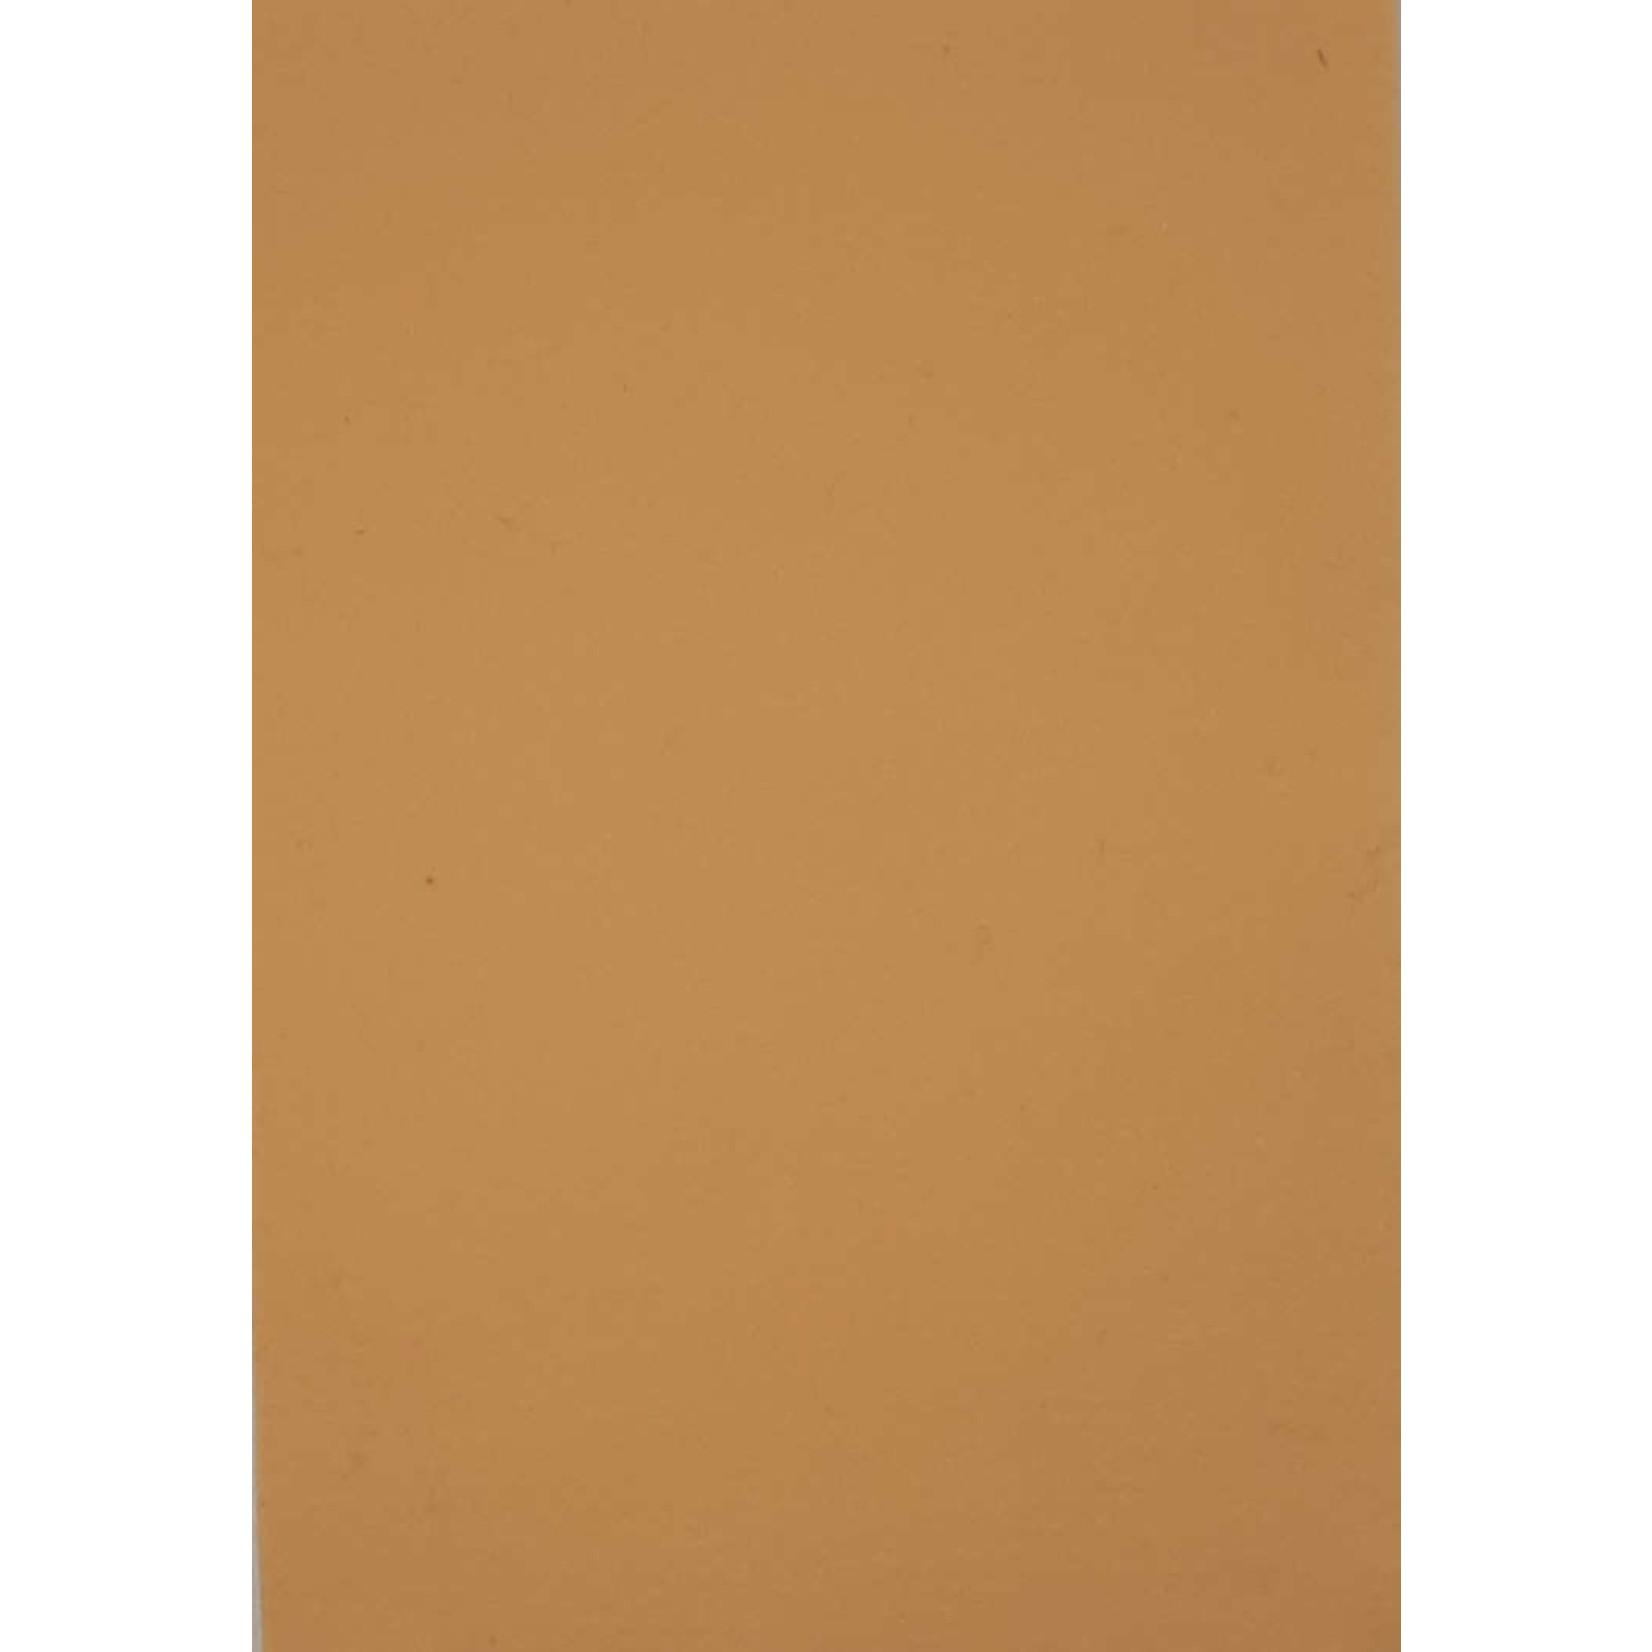 HollandFelt Wolvilt - lapje 20 x 30 cm. - kleur 09 - Vleeskleur - zuiver scheerwol- 1 mm. dik